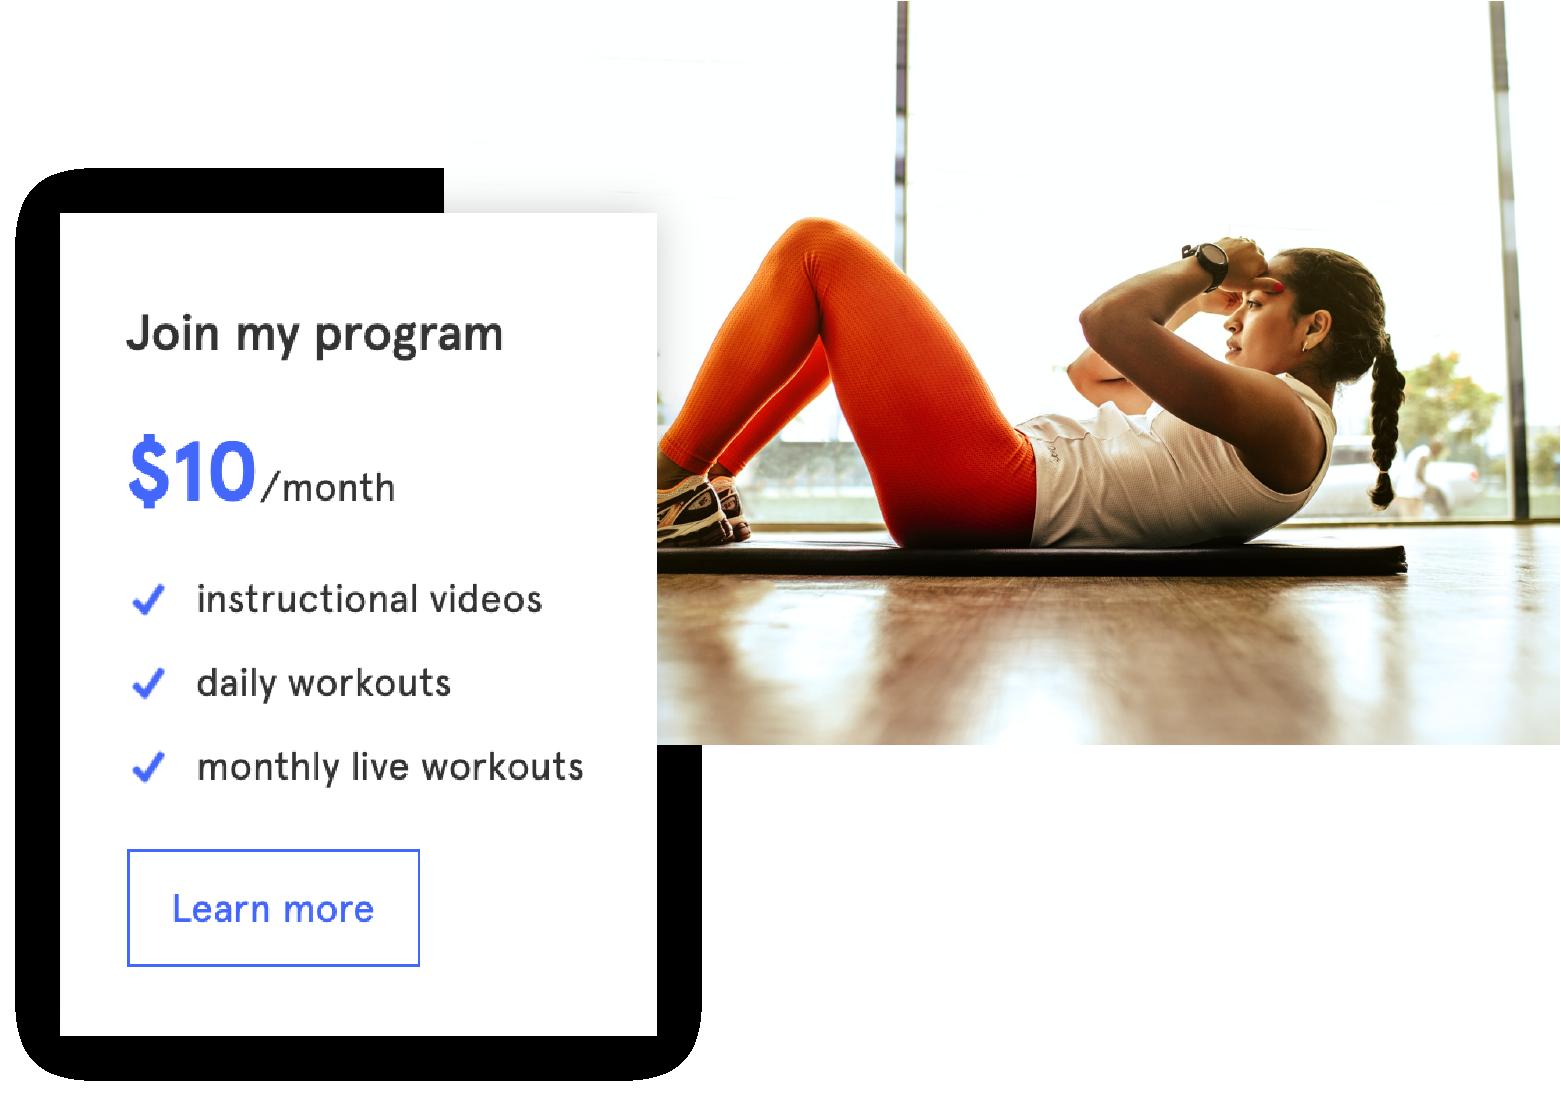 join program image